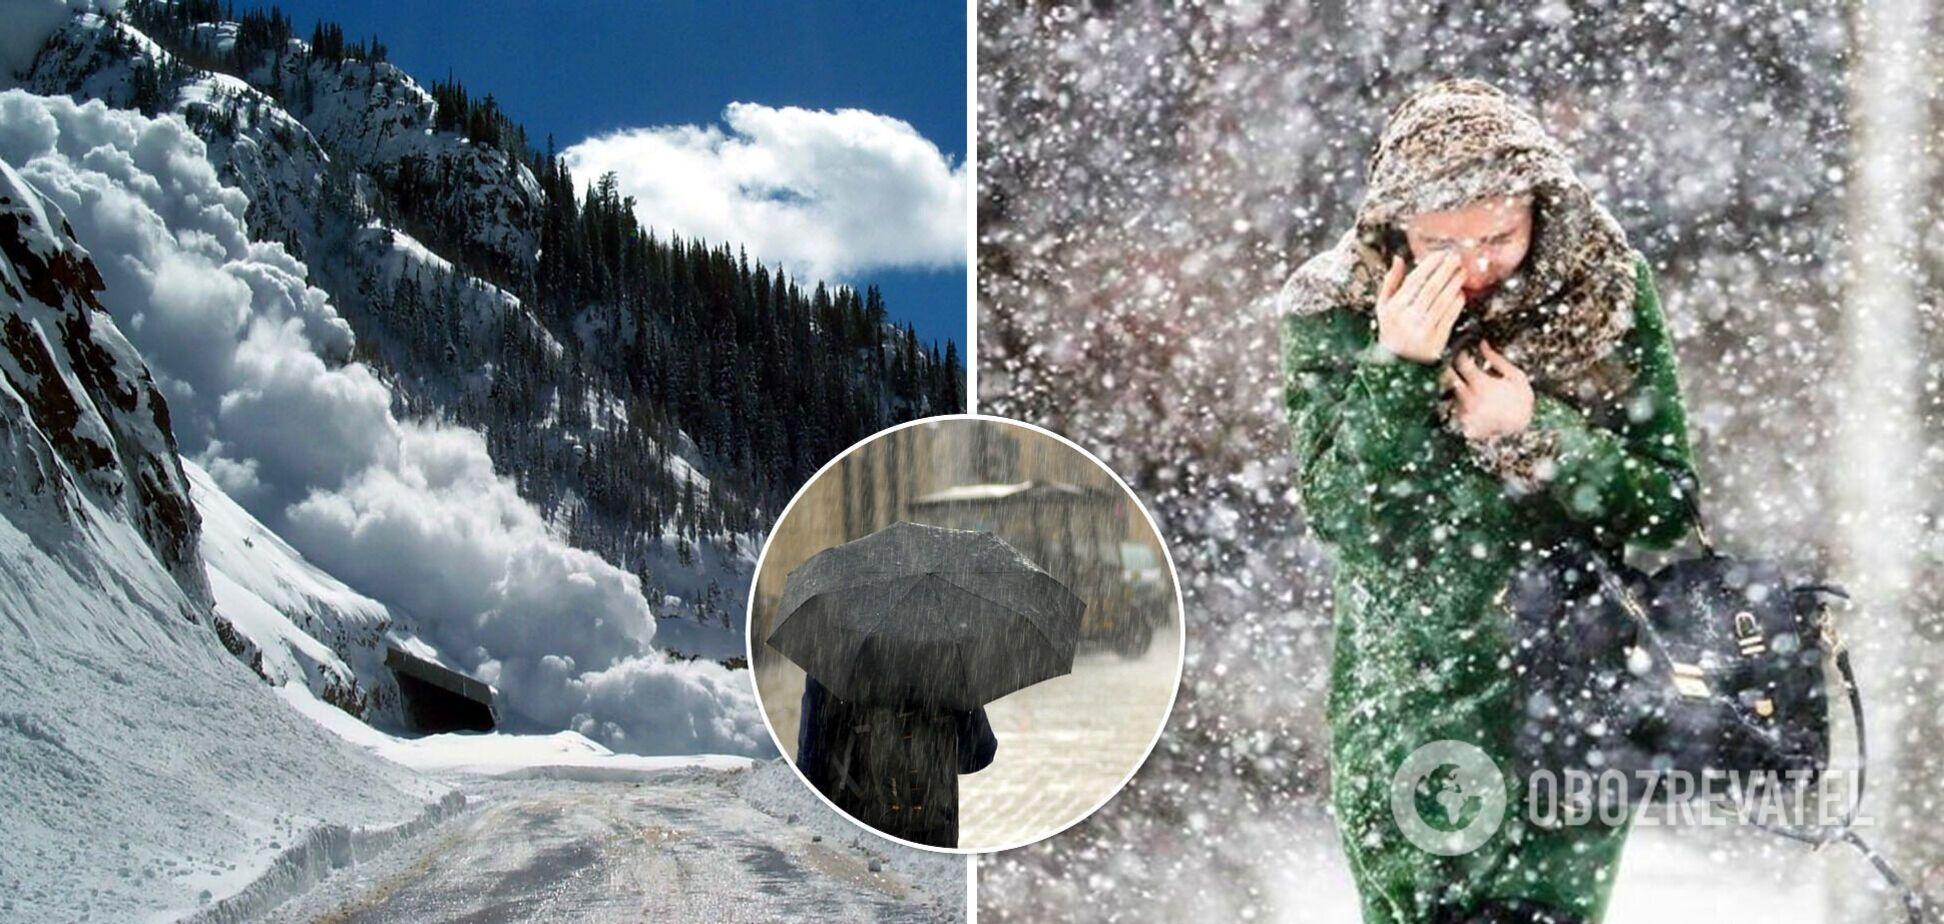 Хуртовини, дощ і небезпека лавин: українців попередили про непередбачувану погоду в середу